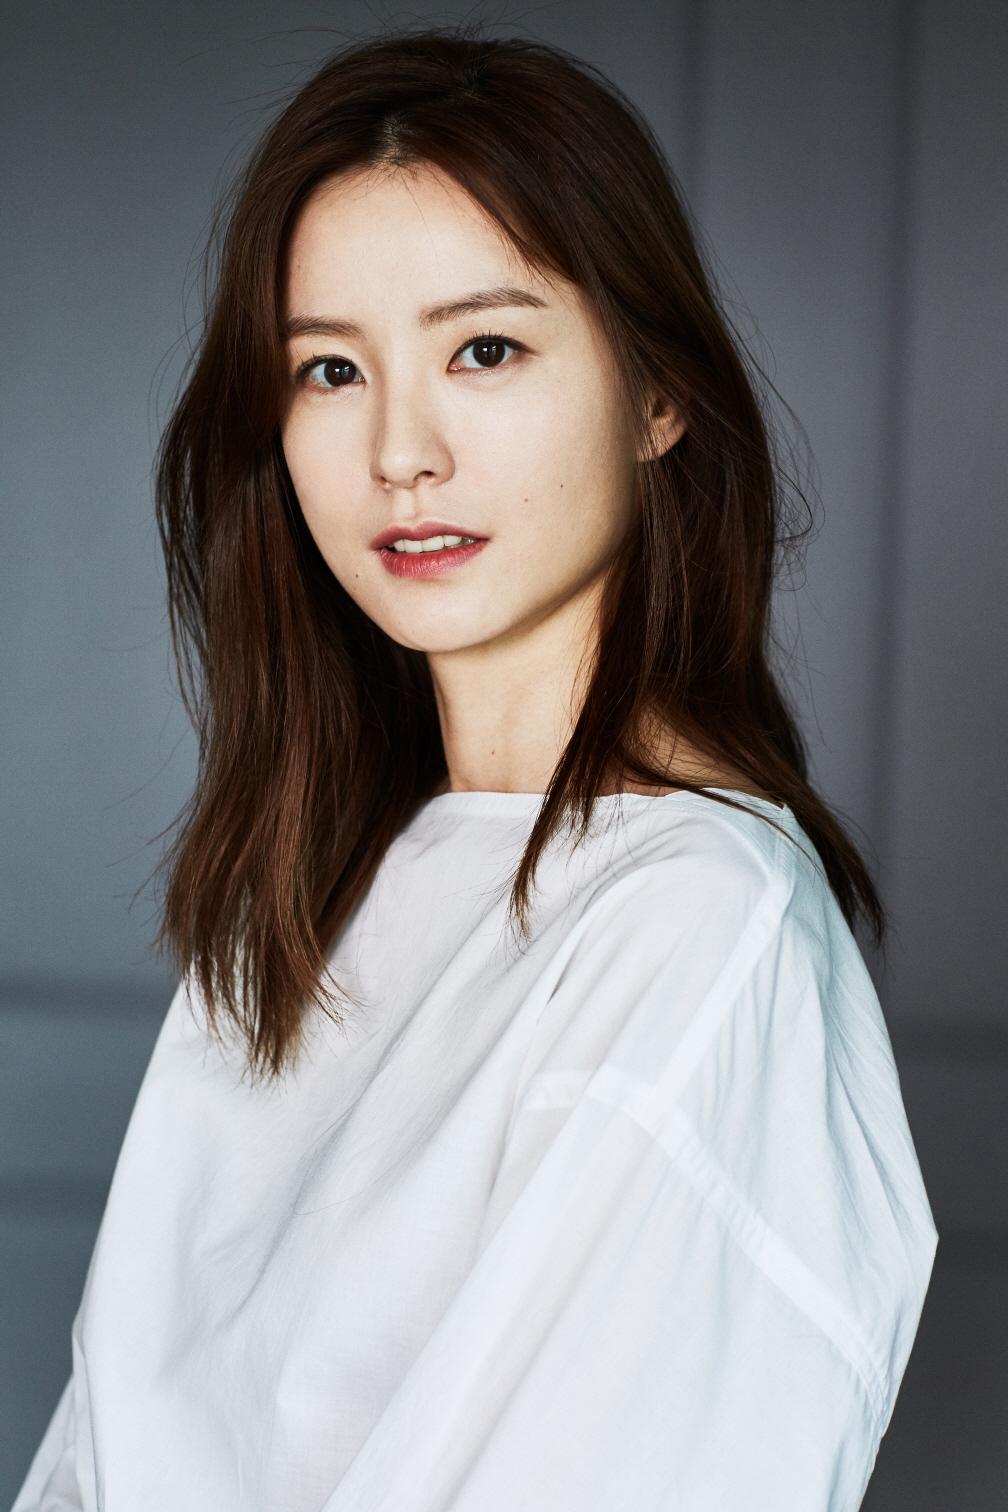 영화 <82년생 김지영>에 캐스팅된 배우 정유미.